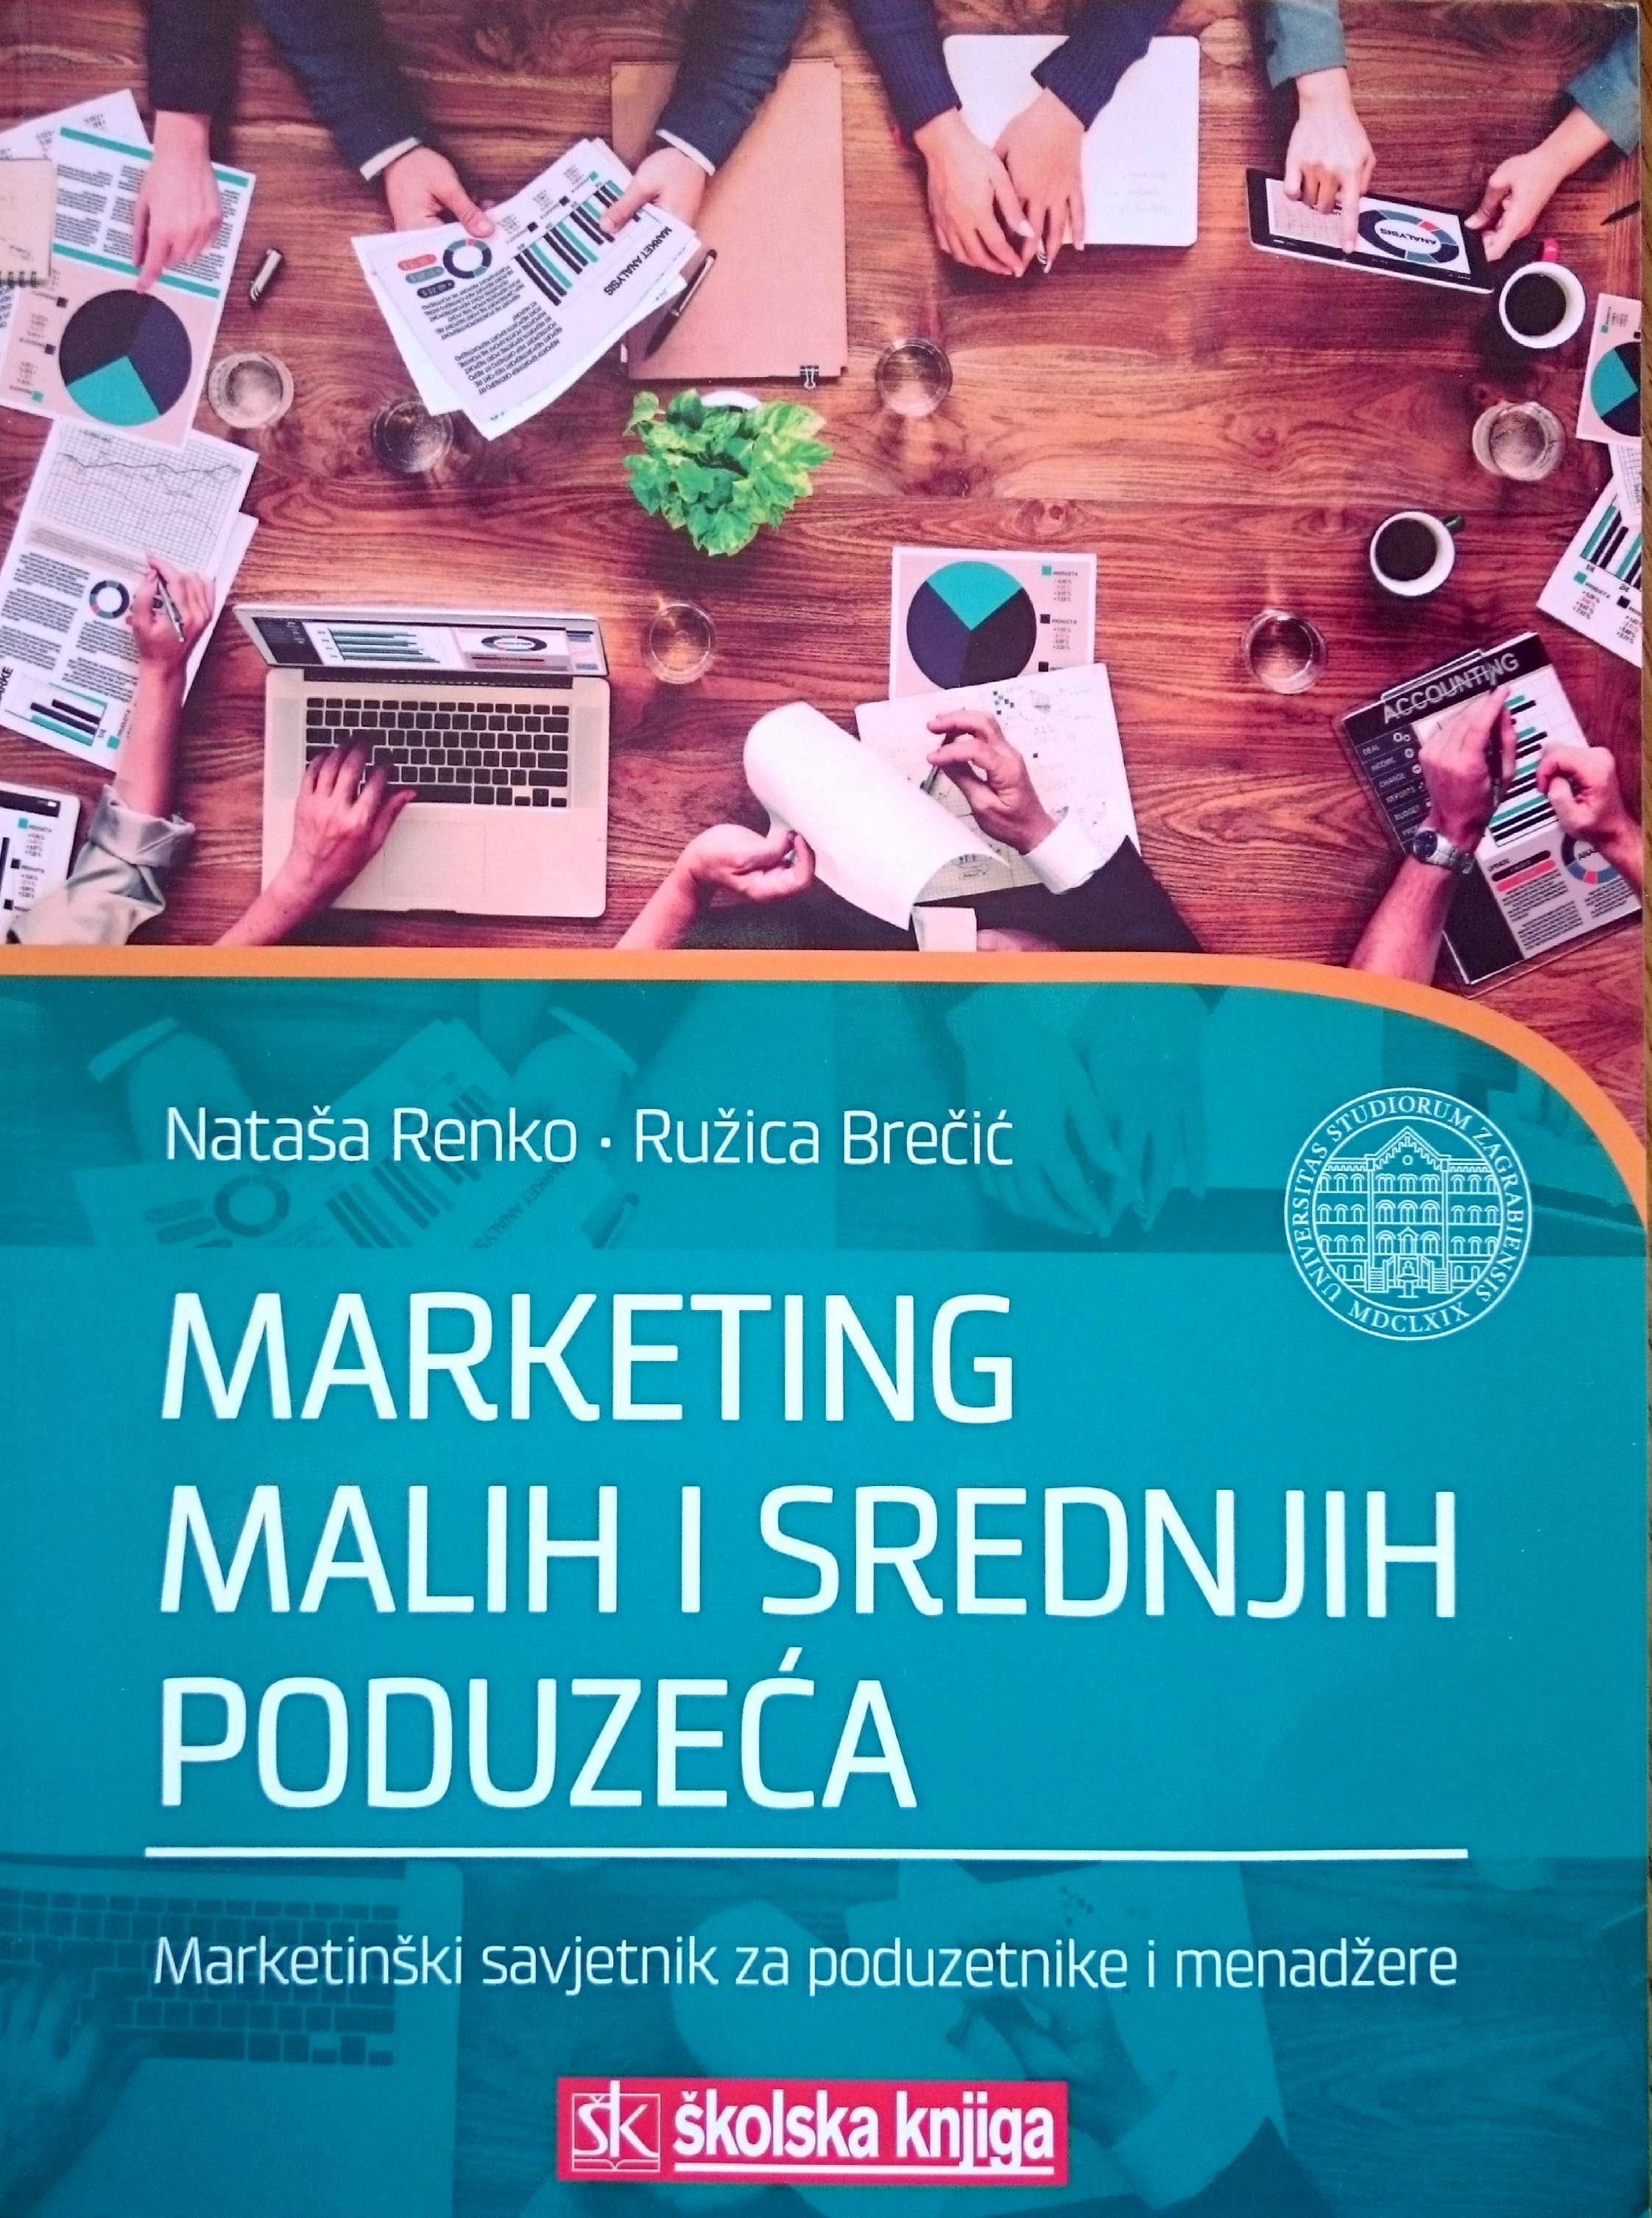 MARKETING MALIH I SREDNJIH PODUZEĆA, 2016 - Naruči svoju knjigu